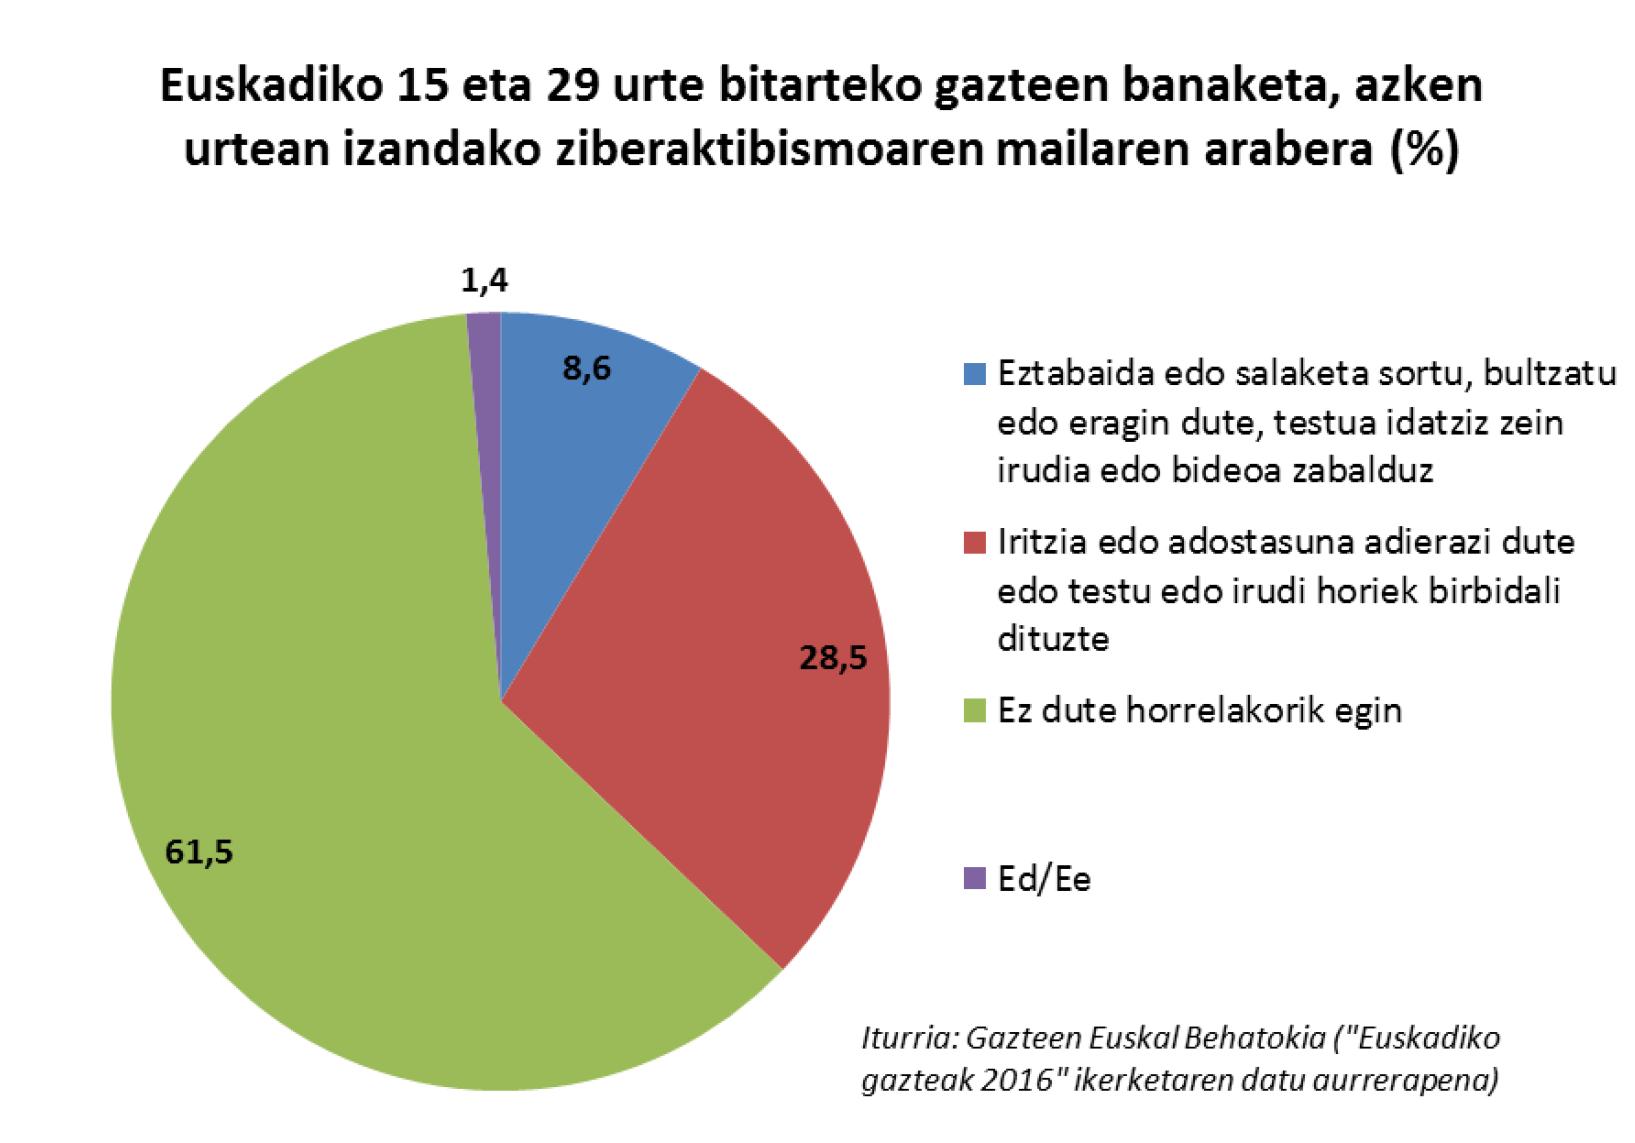 Euskadiko gazteak sare sozialetan